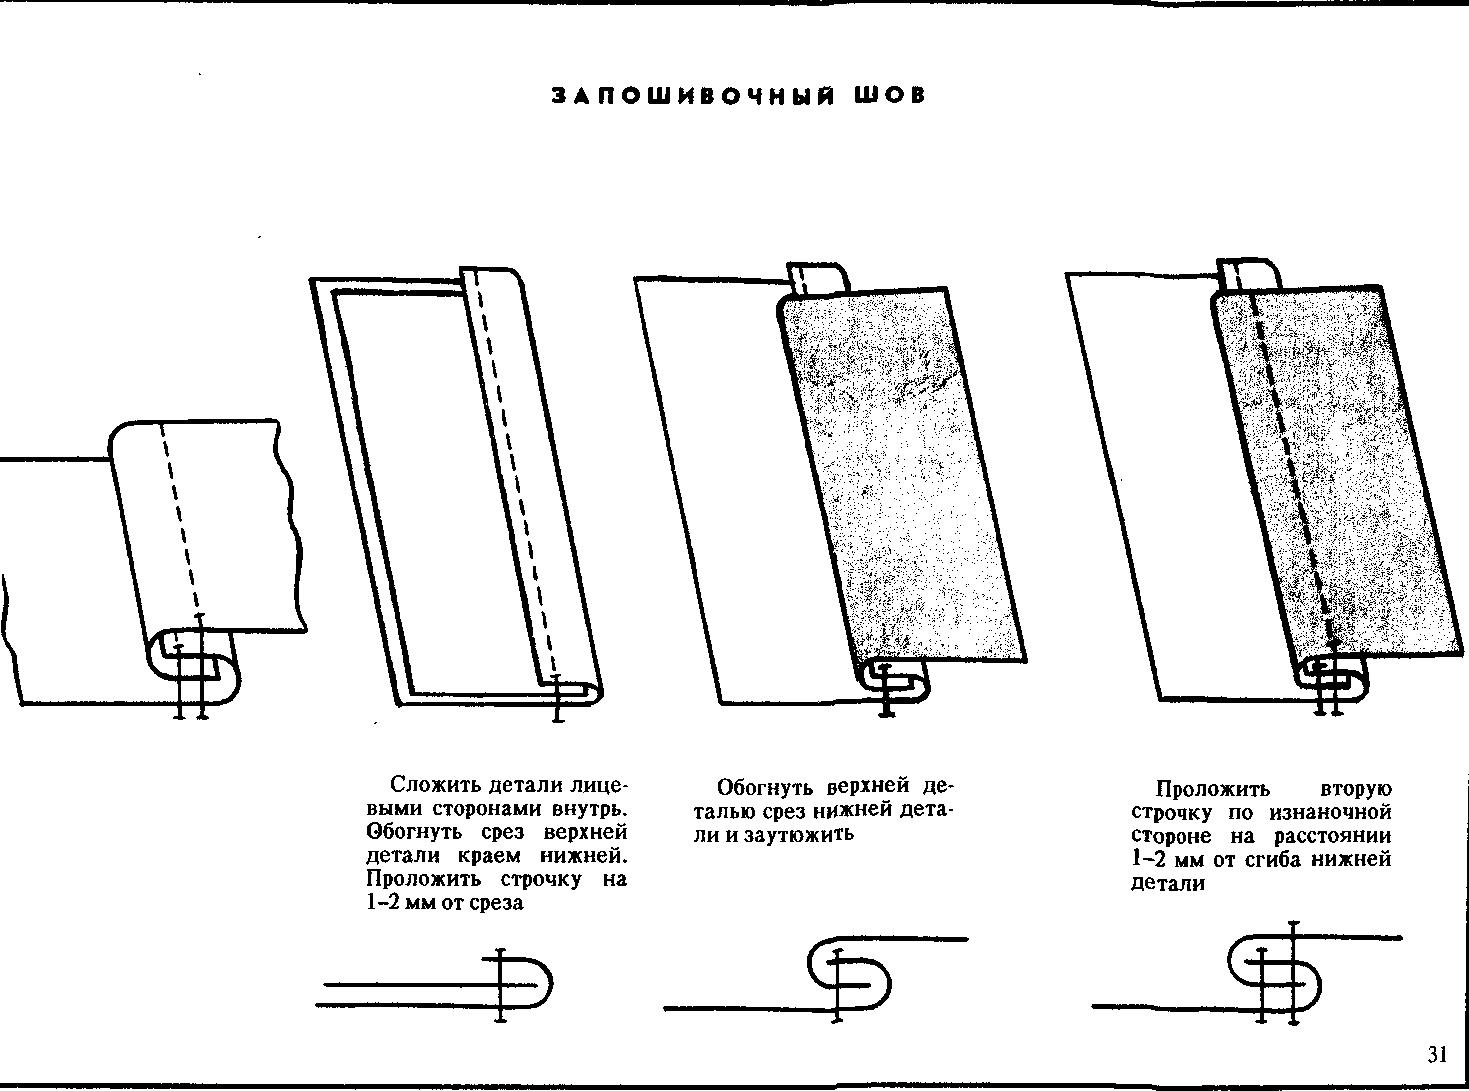 Запошивочный шов схема